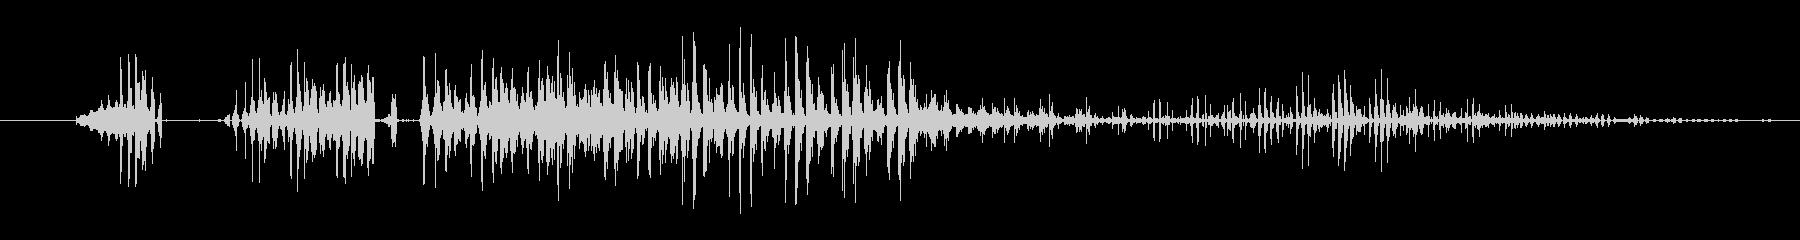 特撮 グリッチバズ01の未再生の波形